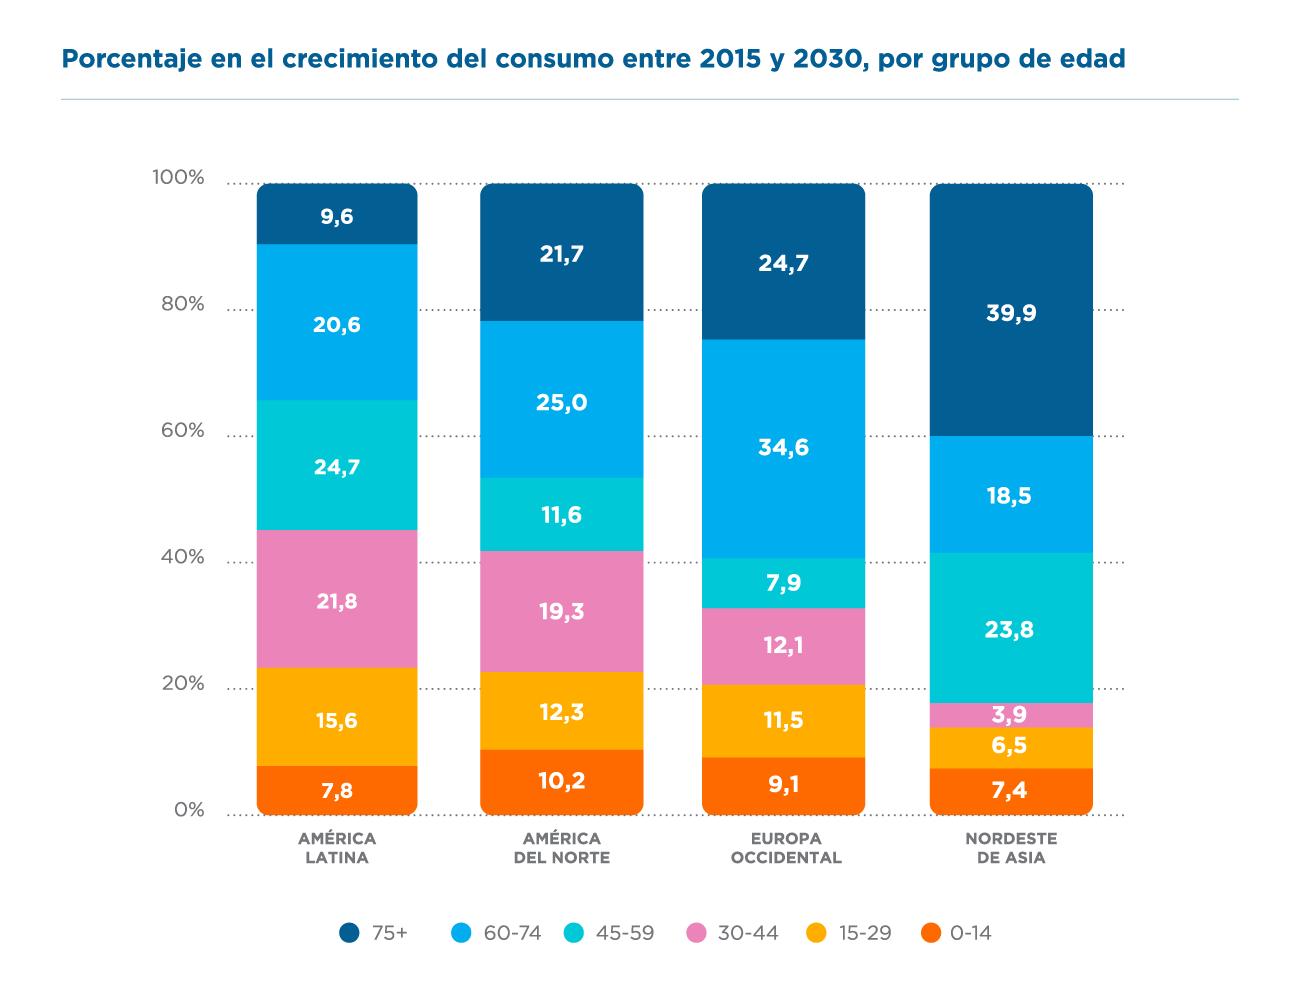 Crecimiento del consumo por grupo de edad